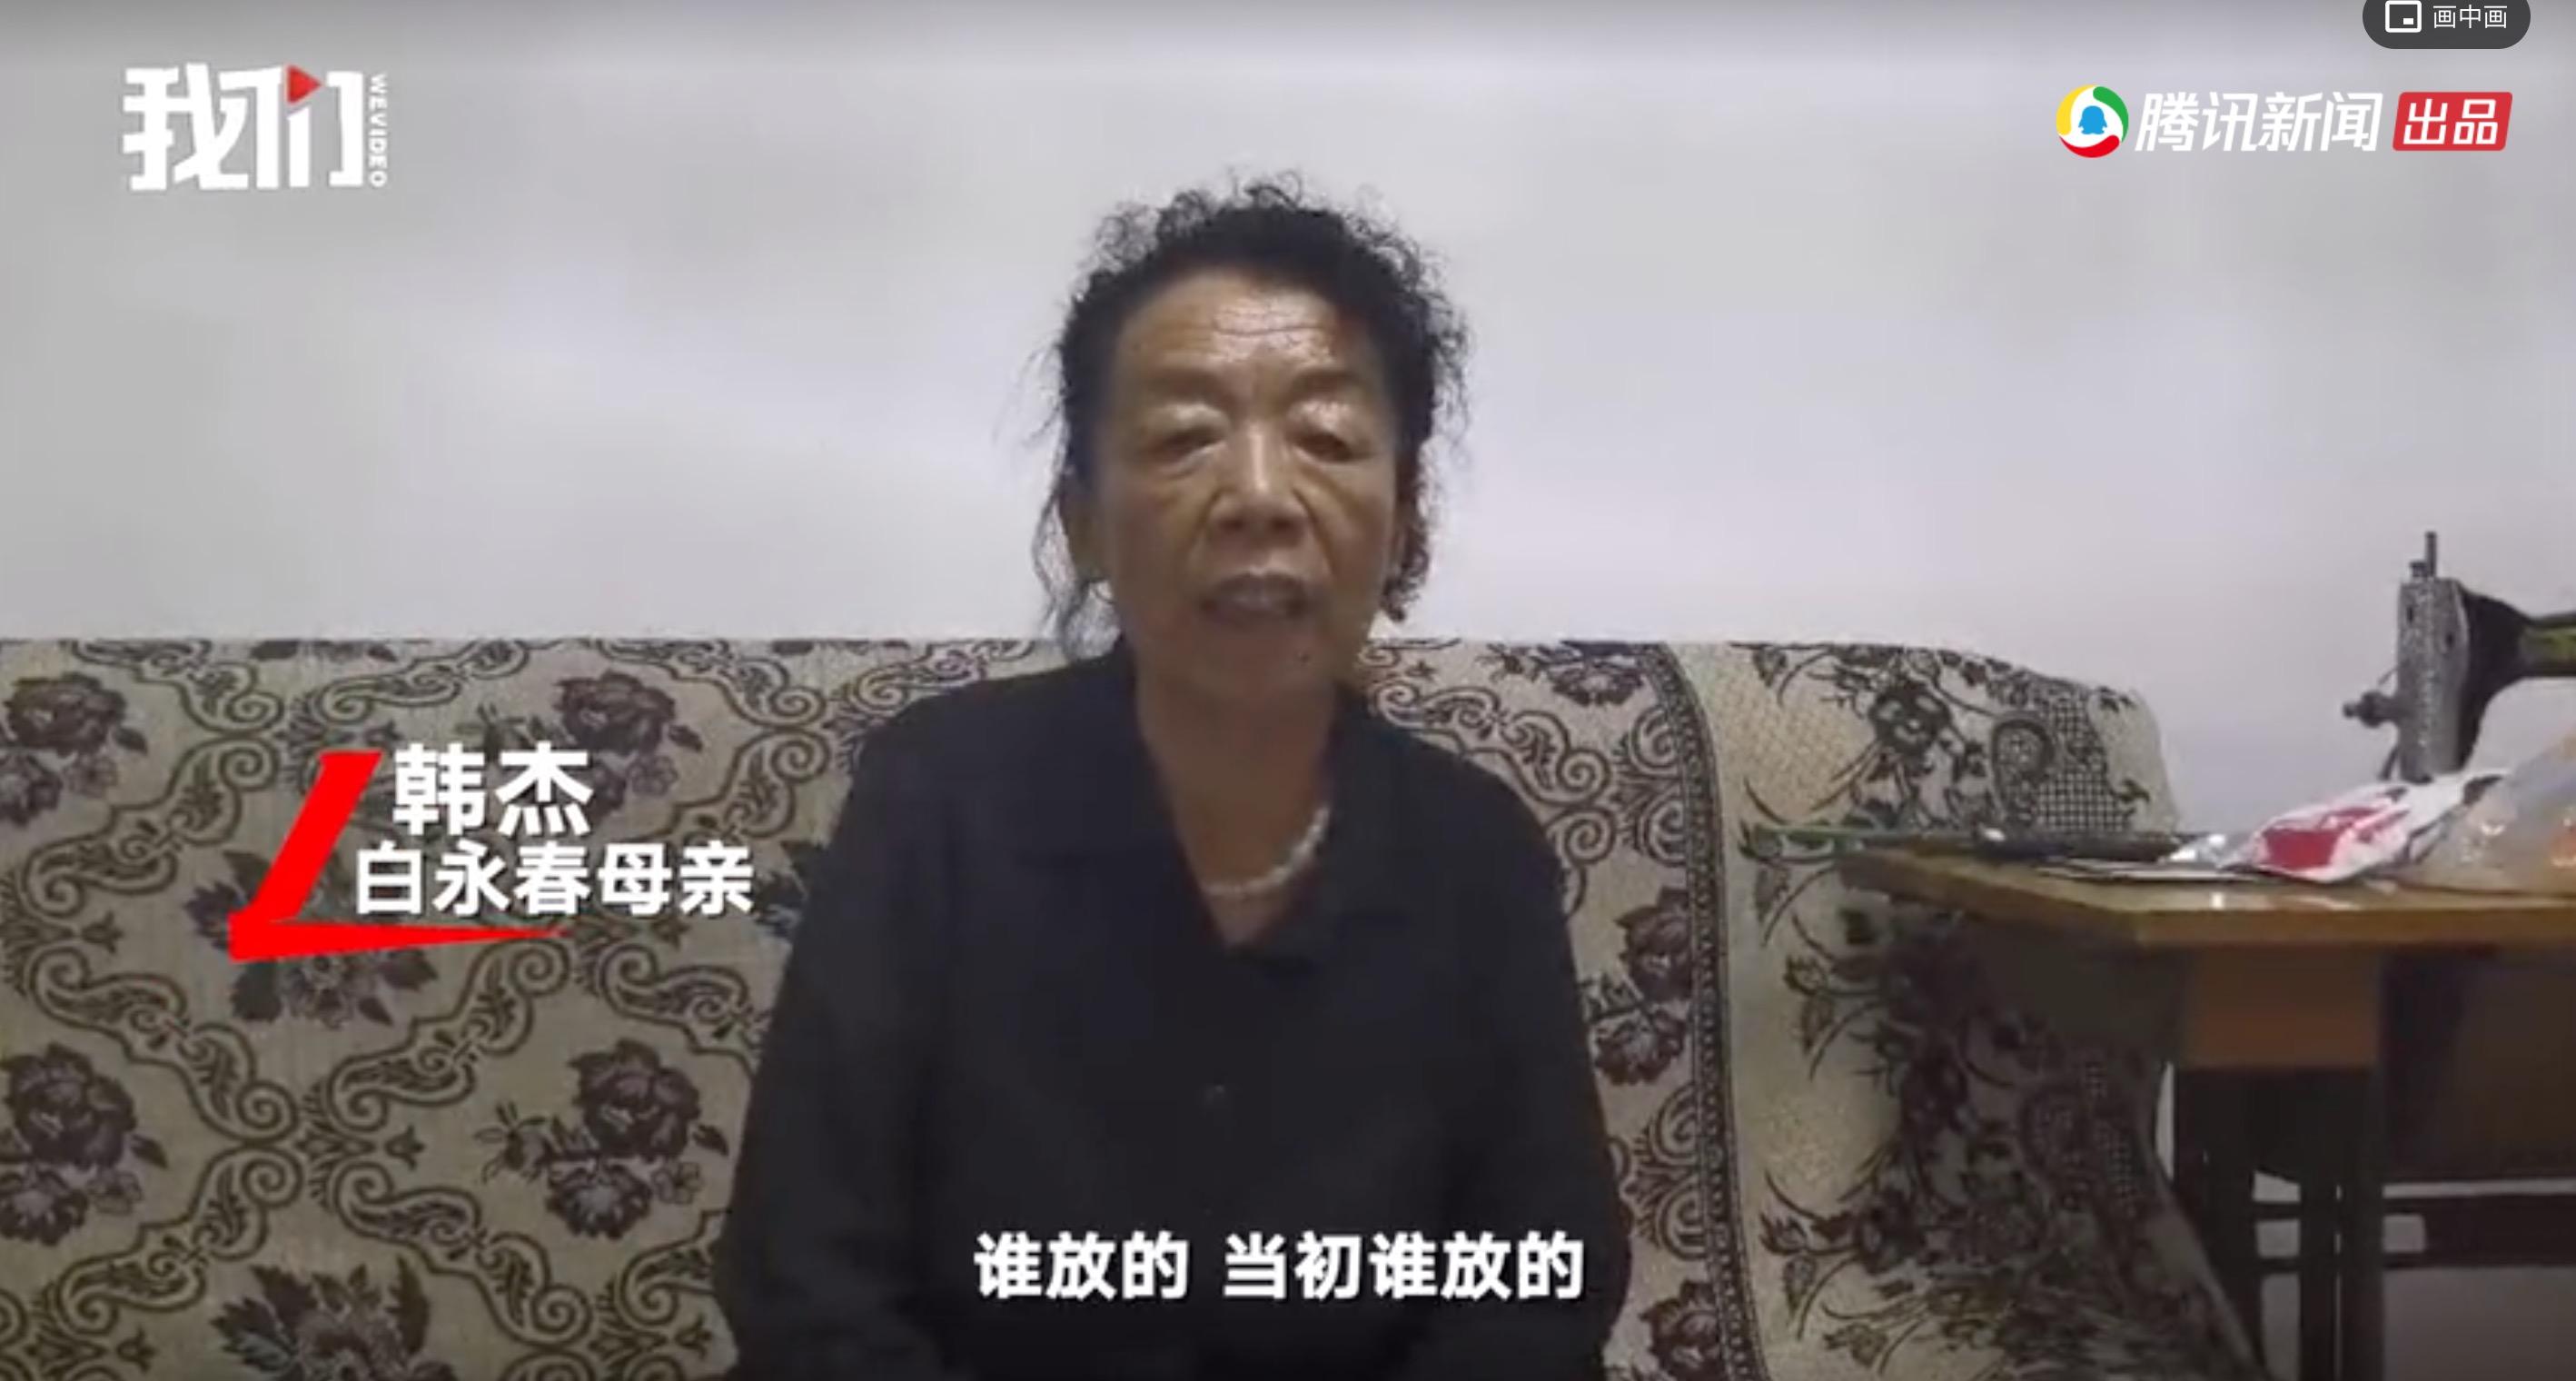 """【网络营销策略】_内蒙古男子""""纸面服刑""""15年:家属称因肾炎保外就医"""